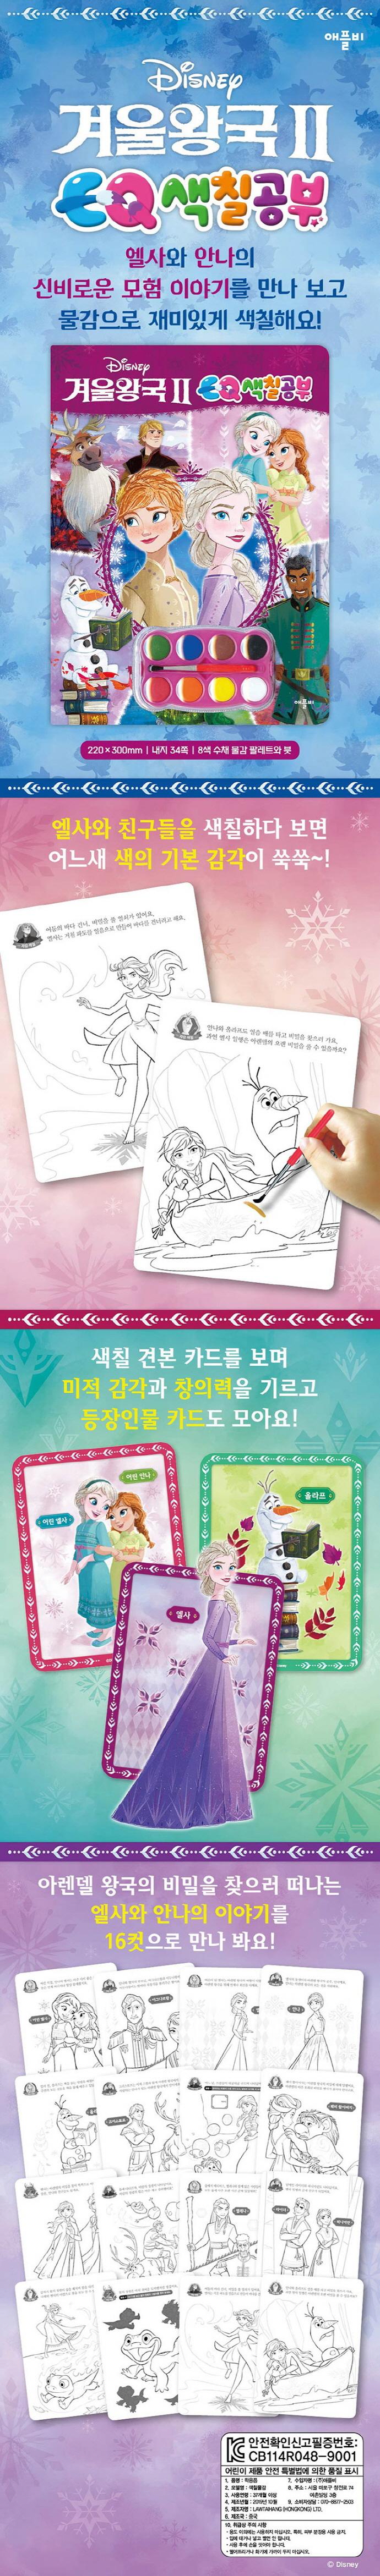 디즈니 겨울왕국2: EQ 색칠공부 도서 상세이미지